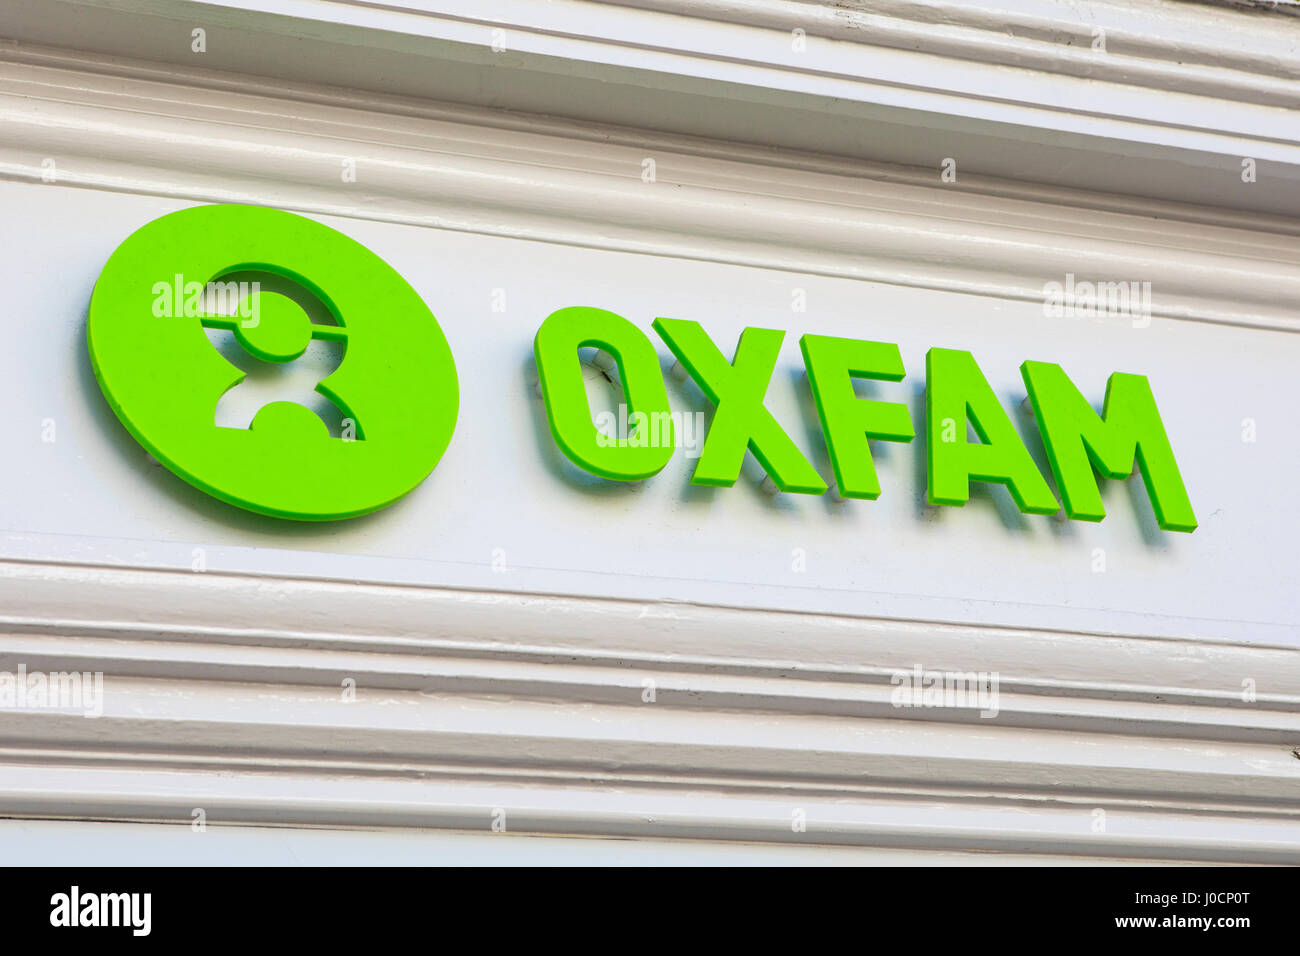 Oxfam Aid Stockfotos & Oxfam Aid Bilder - Alamy